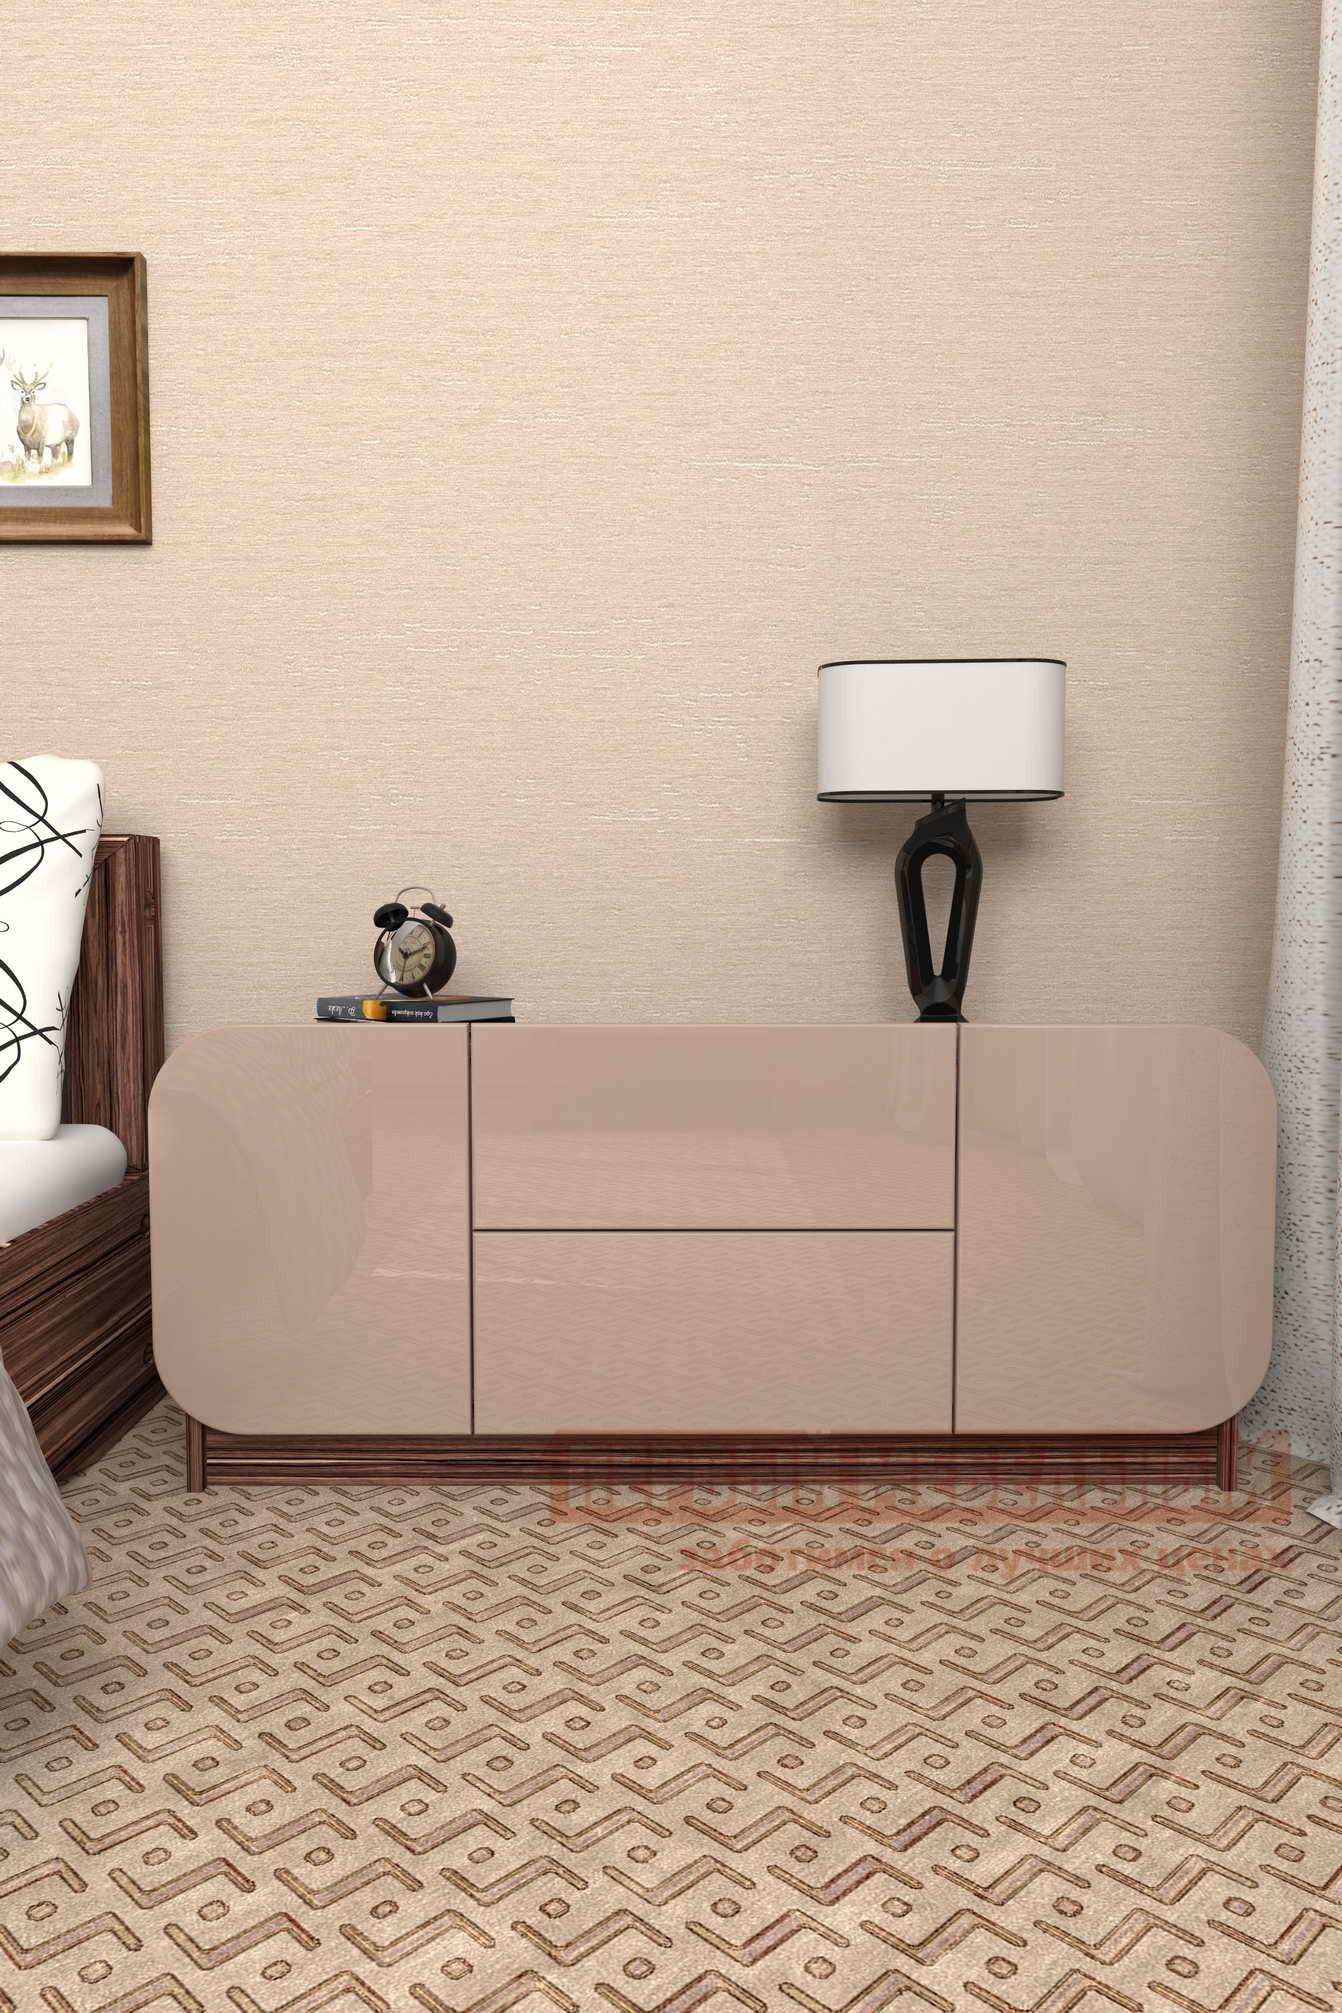 Комод под телевизор в современном стиле Мебелеф Комод «Мебелеф-33» тумба под телевизор мебелеф тумба под тв мебелеф 5